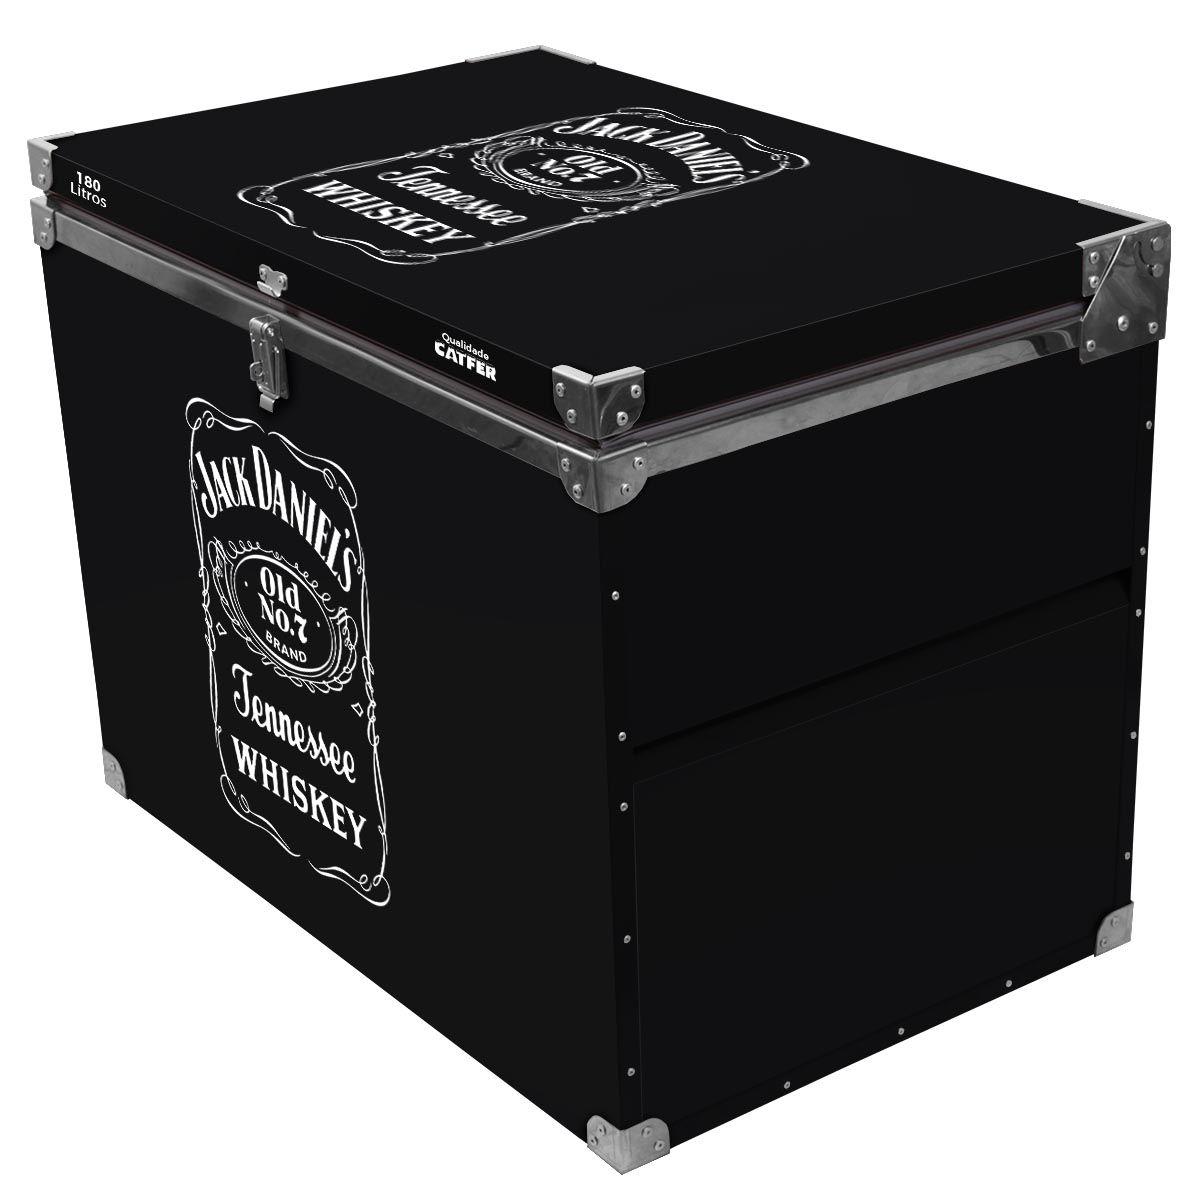 Caixa Térmica 180 Litros Jack Daniel's